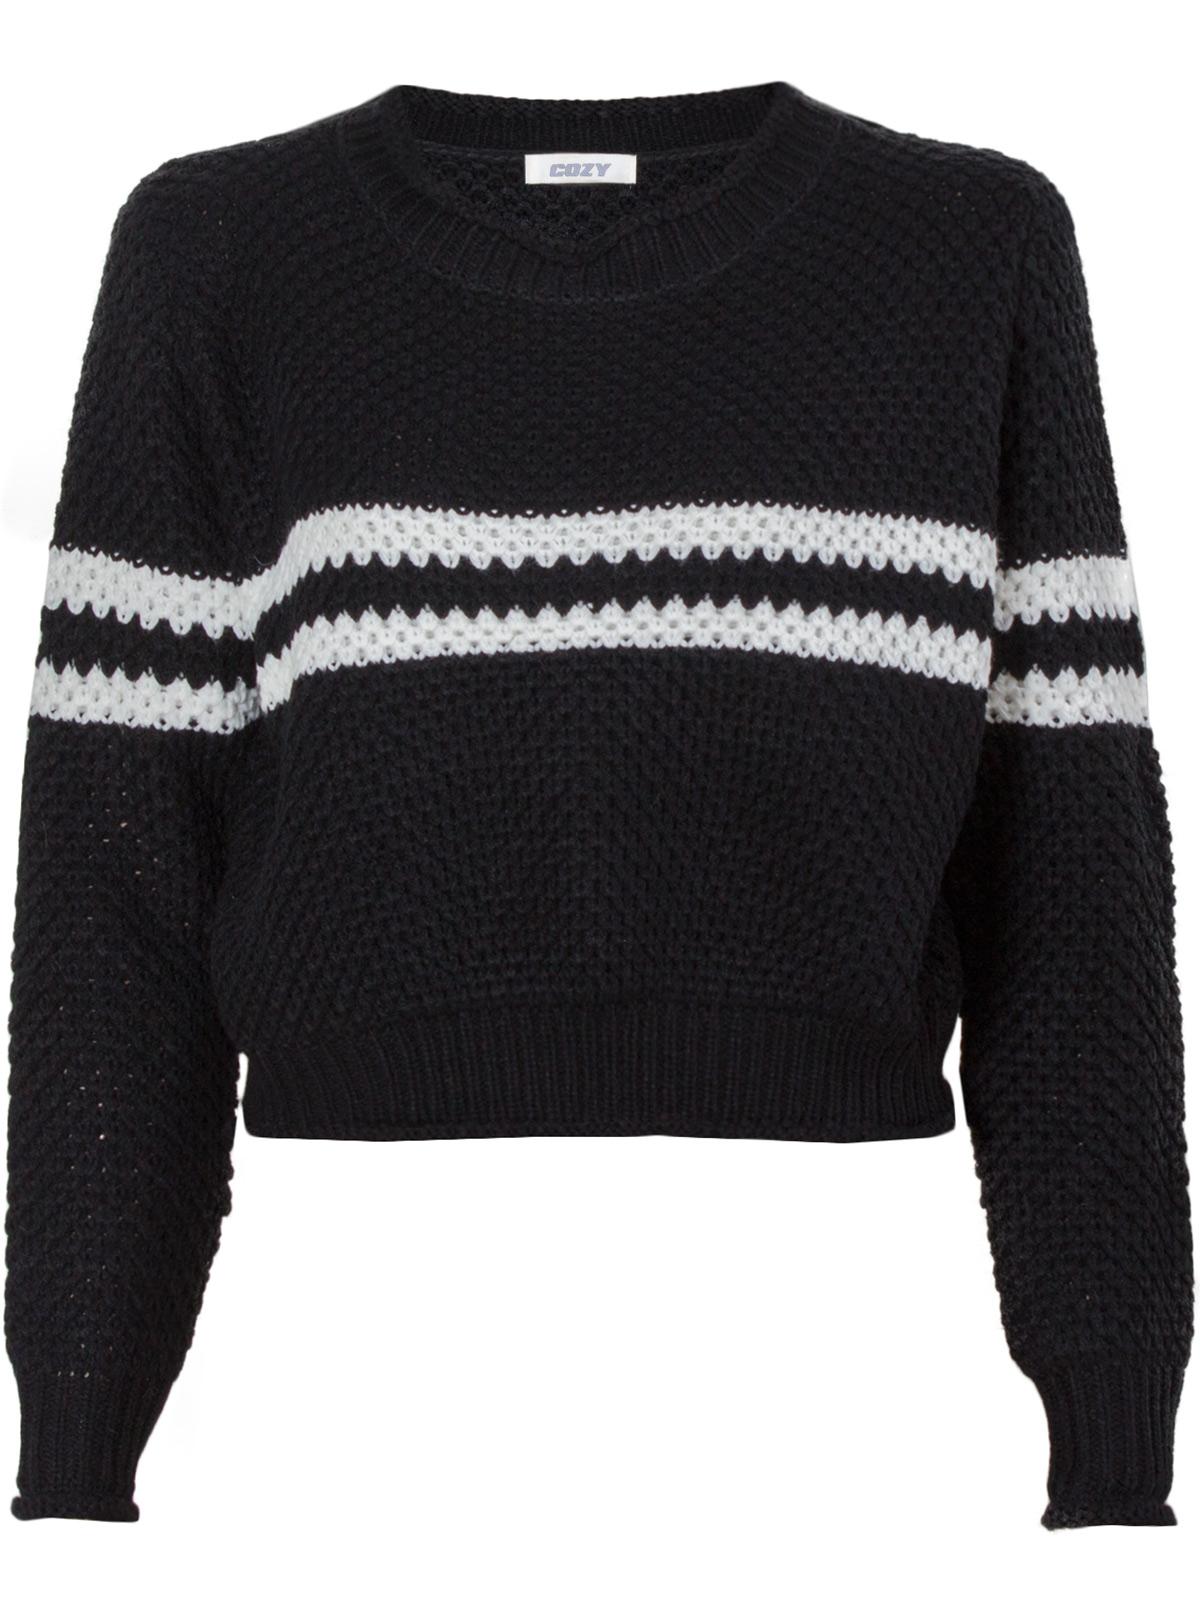 Boxy Πλεκτό με Ρίγες γυναικεία   μπλούζες   πλεκτά   πουλόβερ